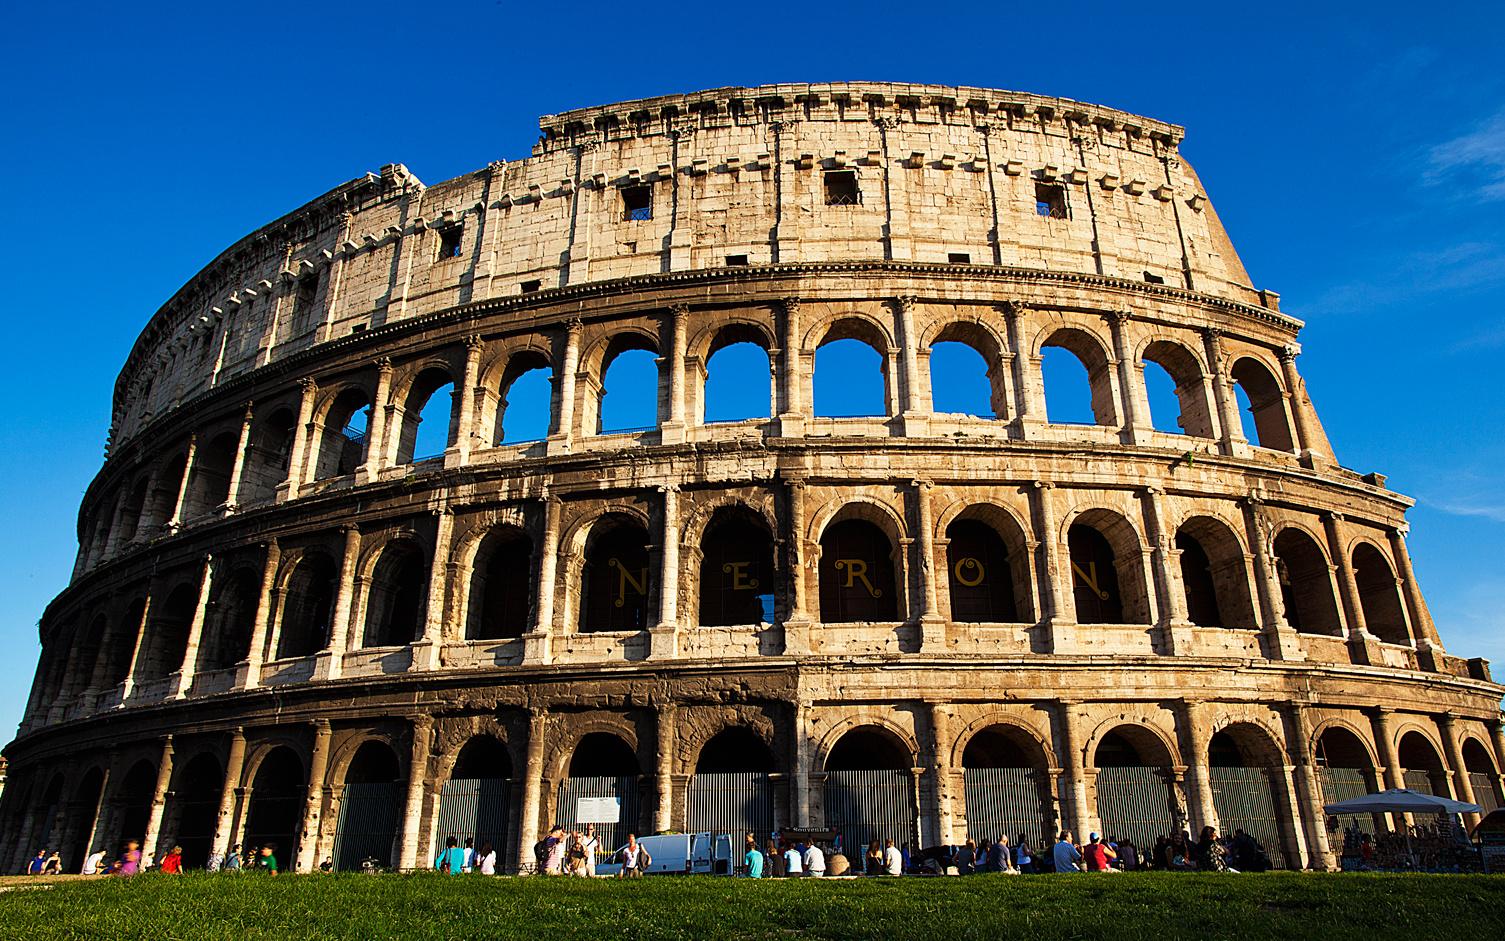 意大利罗马斗兽场+古罗马遗址广场+帕拉蒂尼山2日票 (优先通道门票